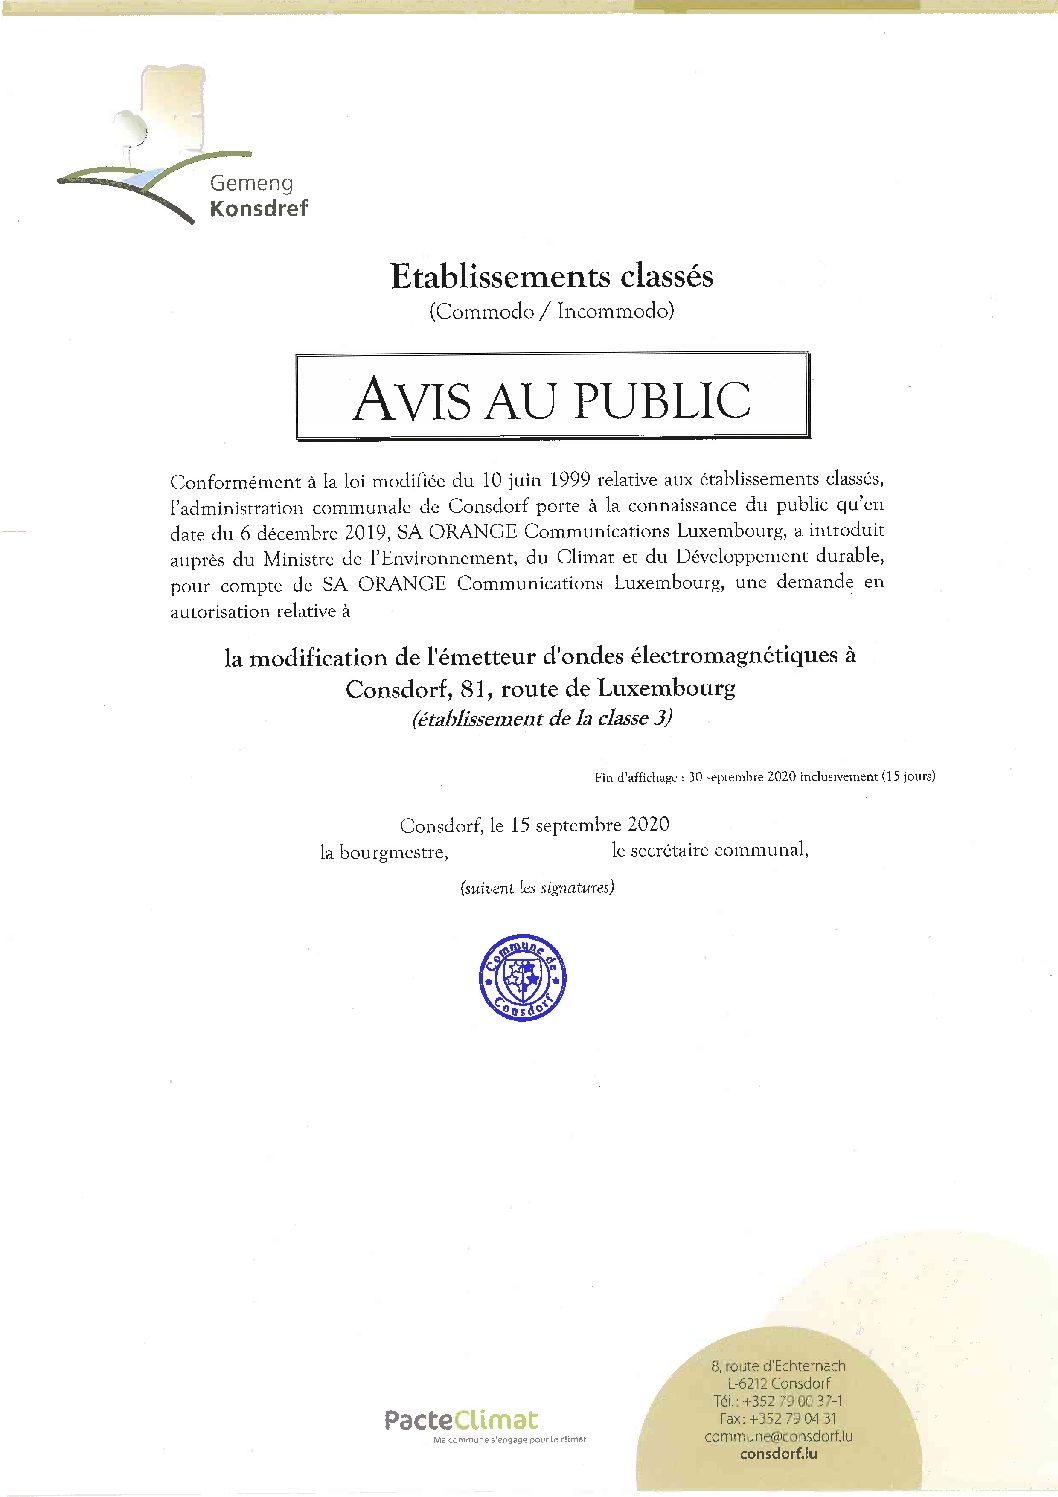 Avis au public - Demande modification de l'émetteur d'ondes électromagnétiques à Consdorf